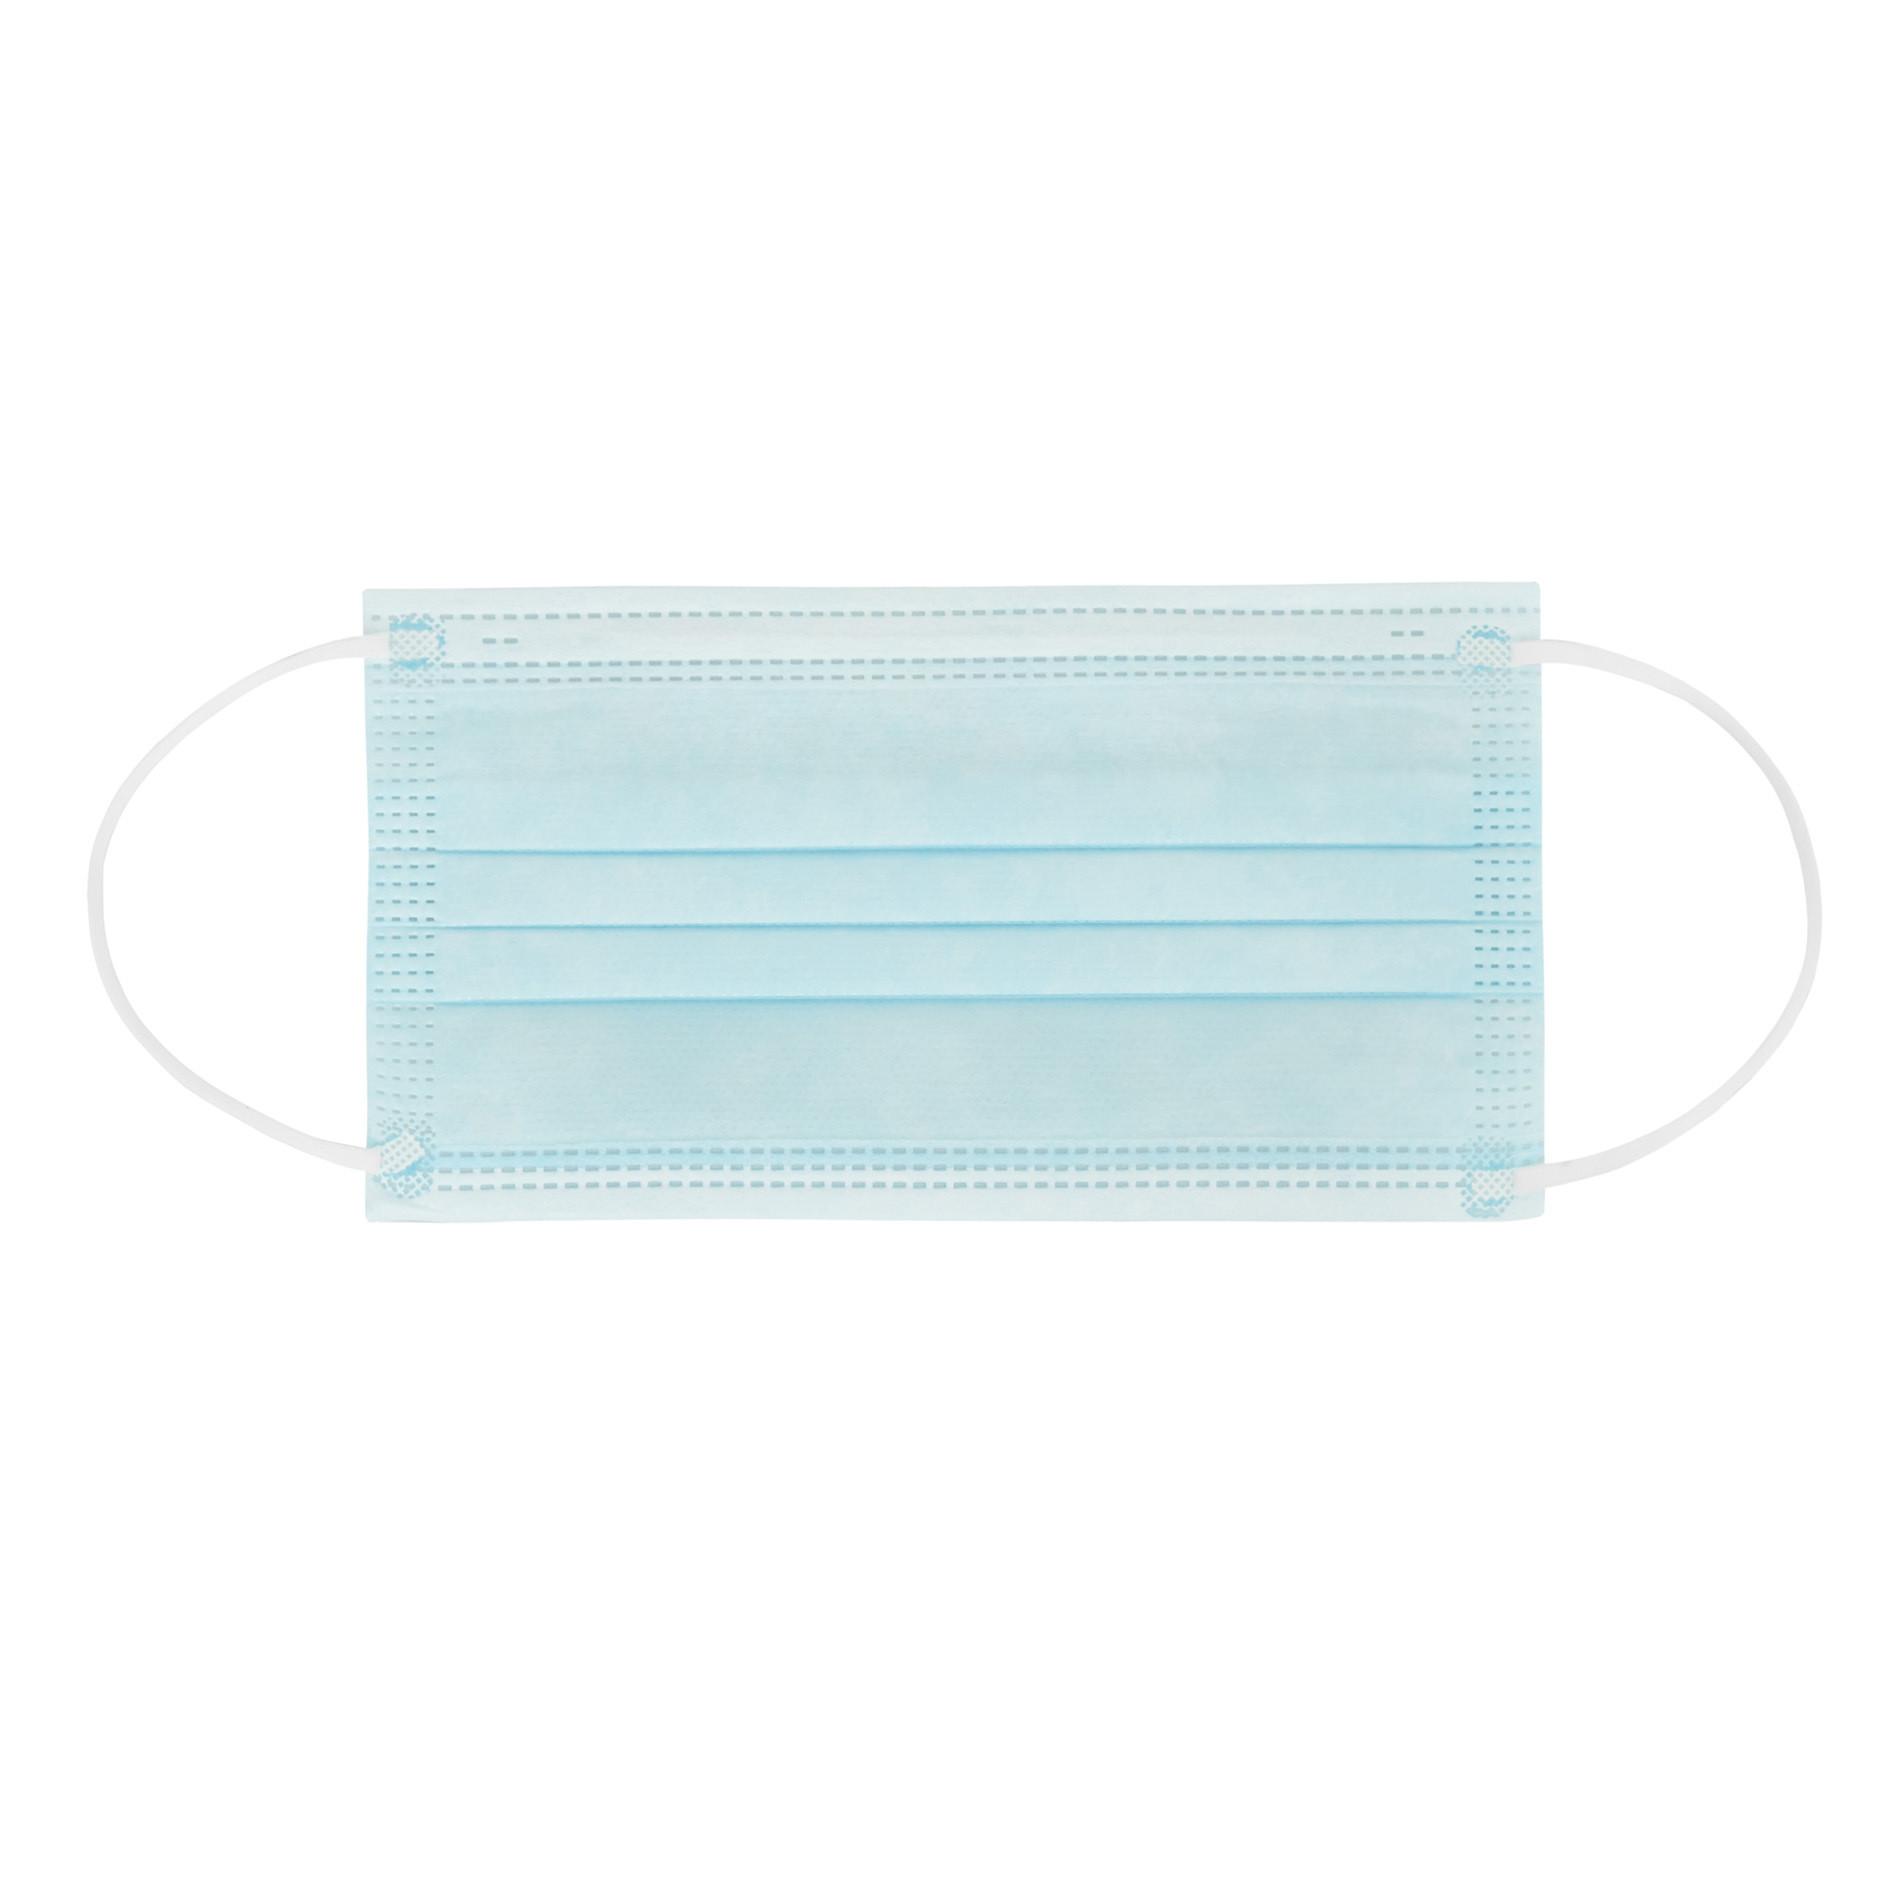 Confezione 50 mascherine chirurgiche EDG, Azzurro, large image number 1